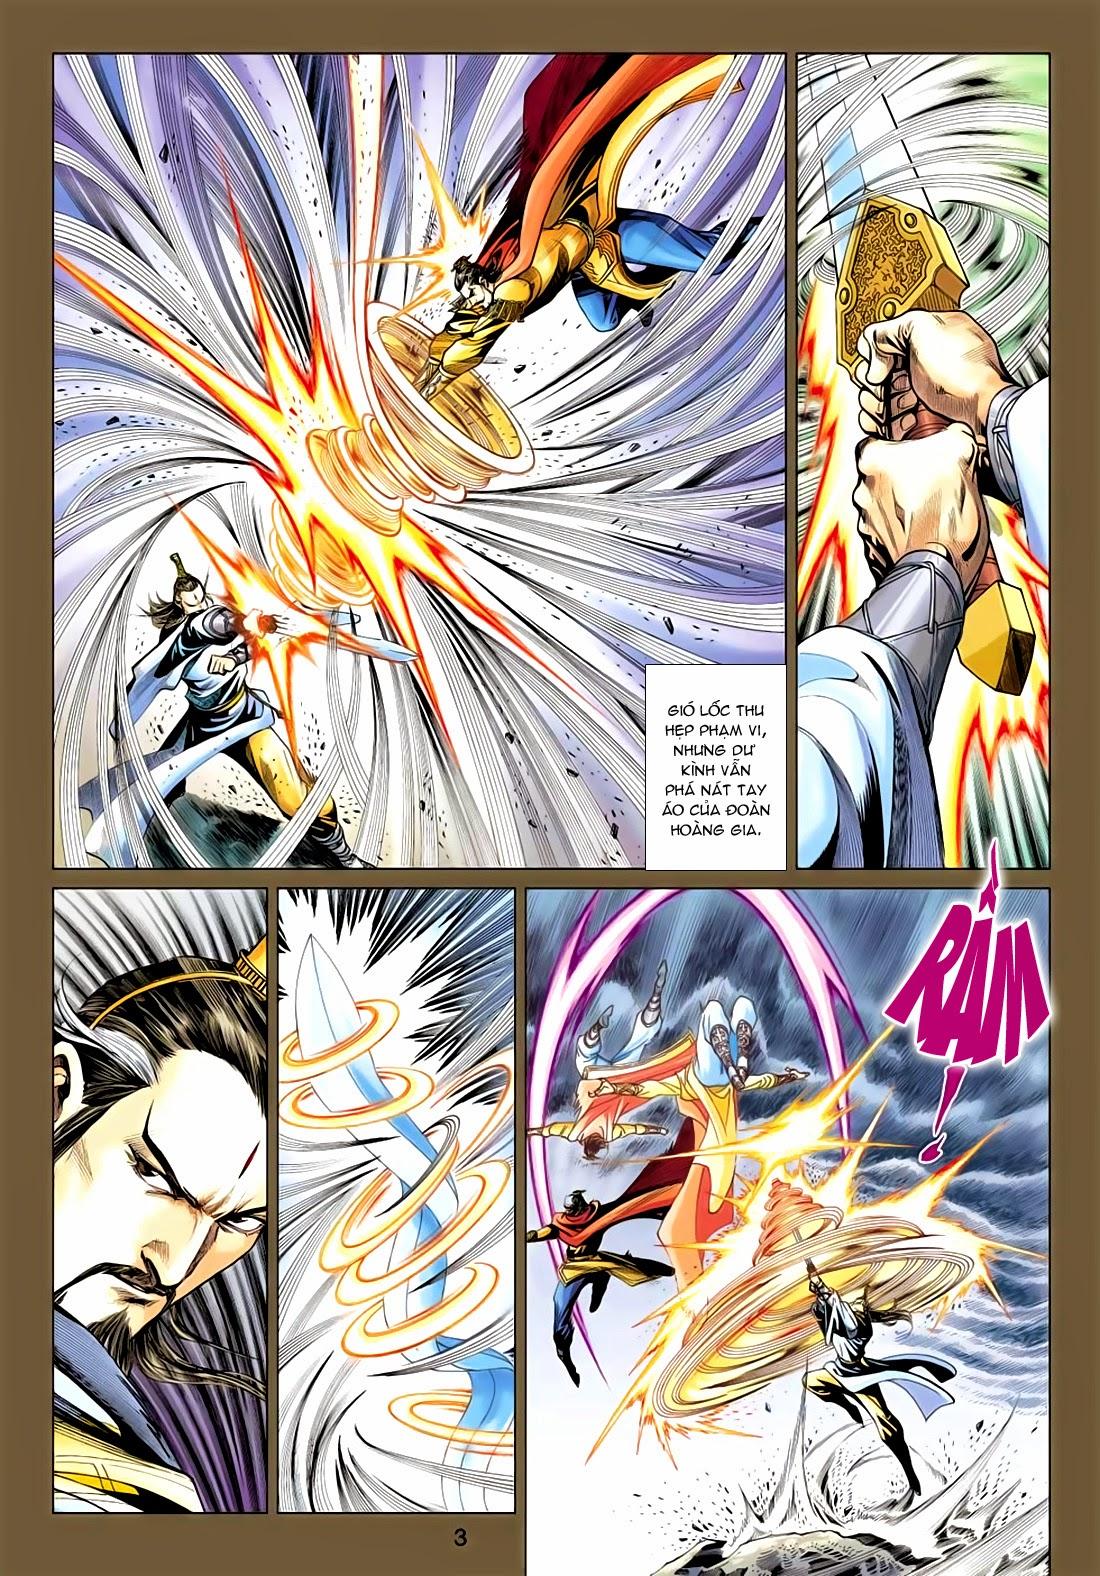 Anh Hùng Xạ Điêu anh hùng xạ đêu chap 77: thế thượng tối cường võ công trang 3